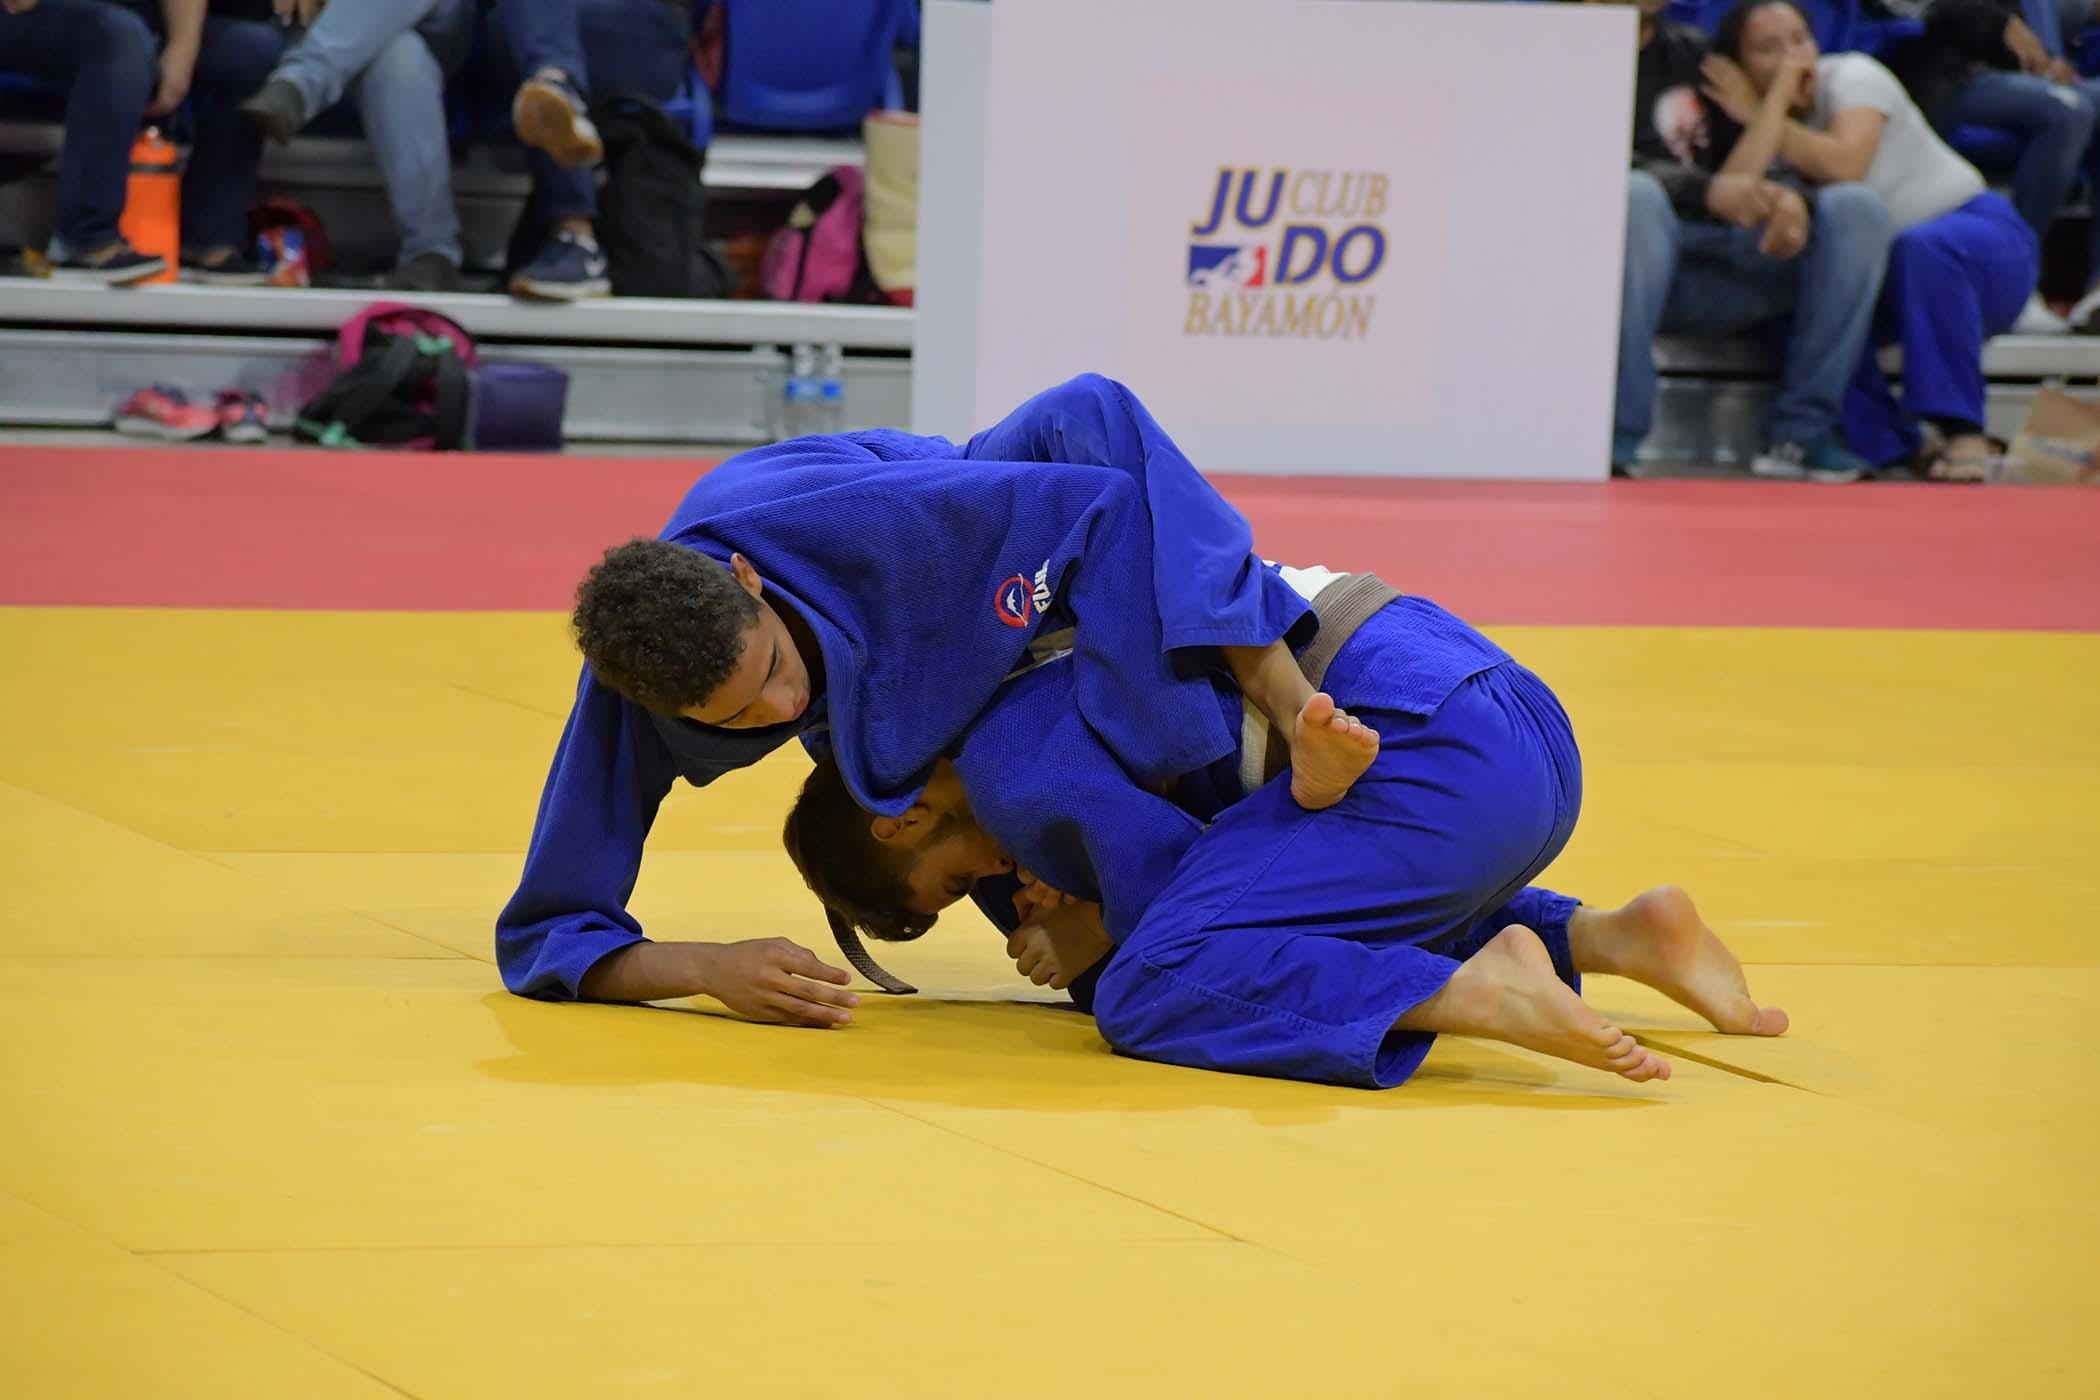 Competencia-JUDO-2019-74